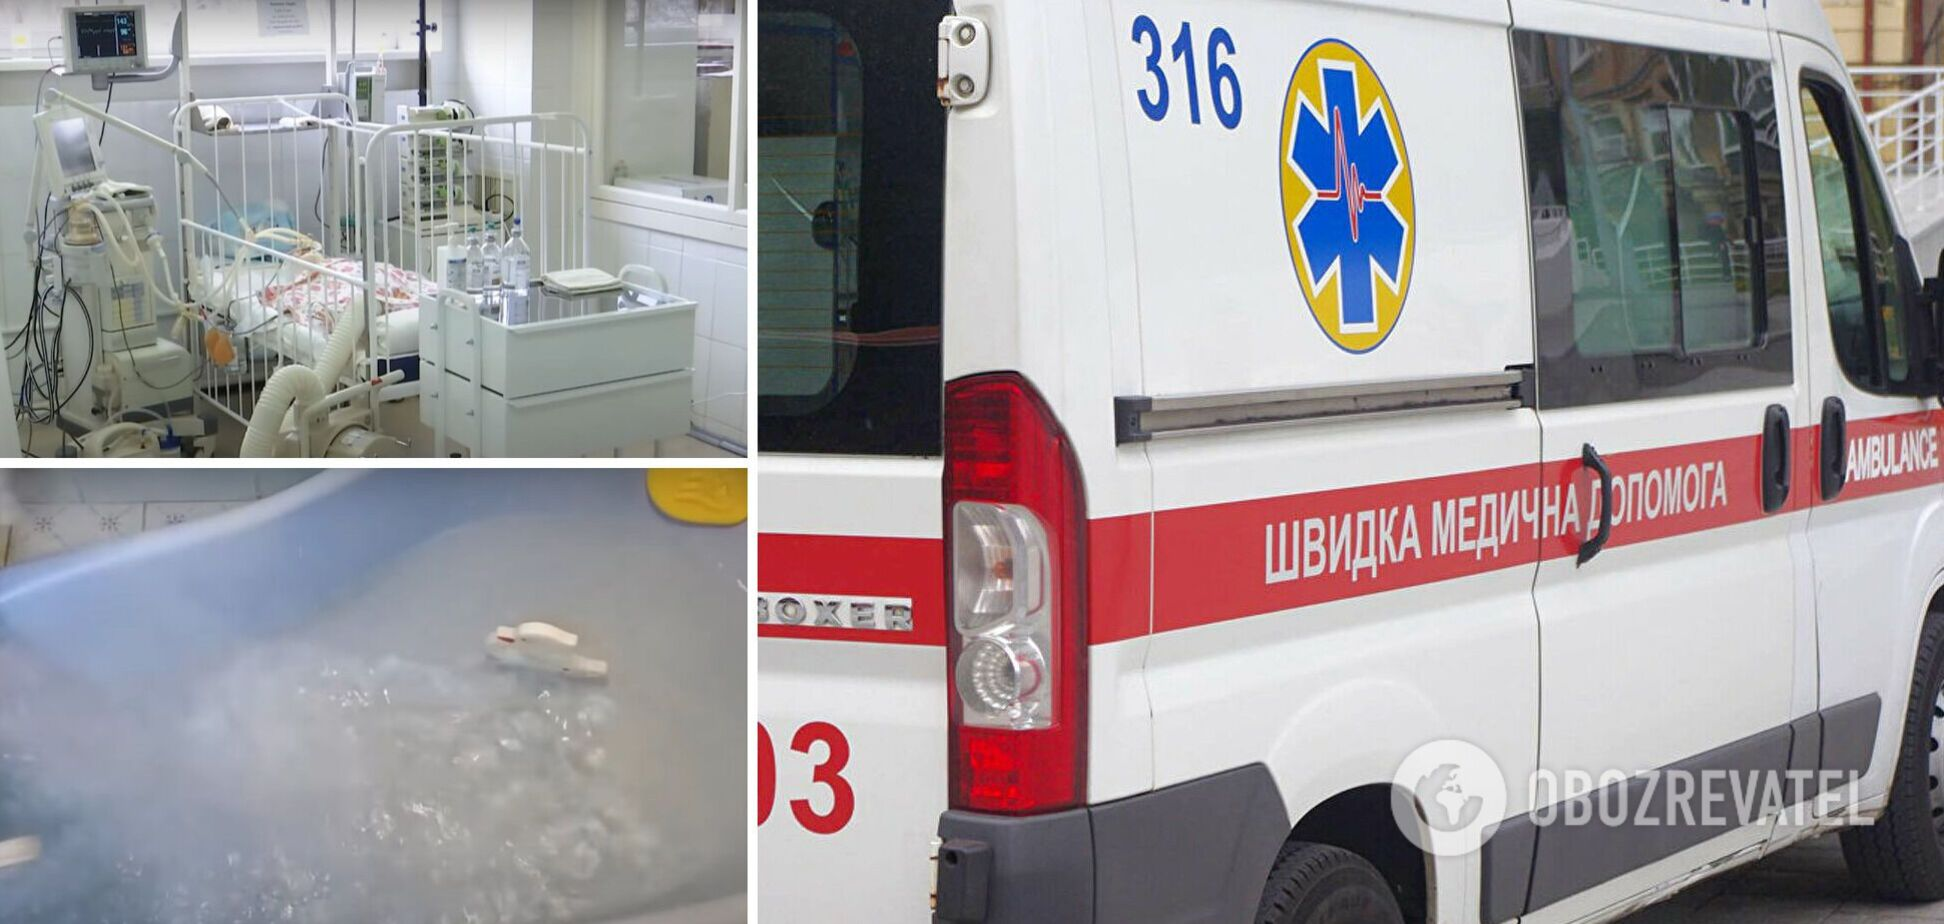 На Дніпропетровщині однорічна дівчинка стрибнула в ванну з окропом: лікарі борються за життя. Відео